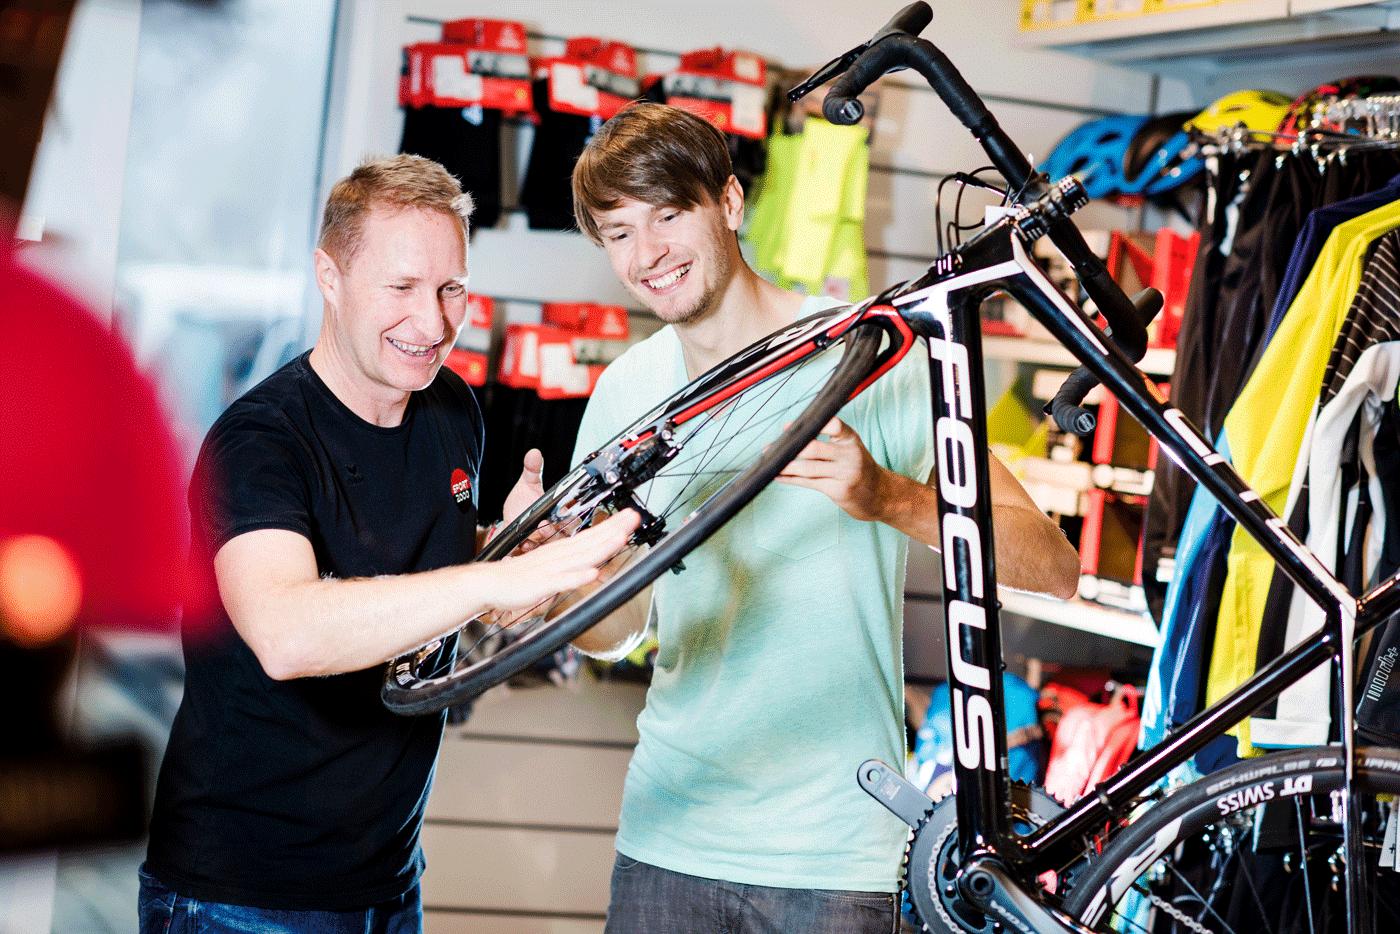 Sportfachberater zeigt jungen Mann die Speichen eines Fahrrades